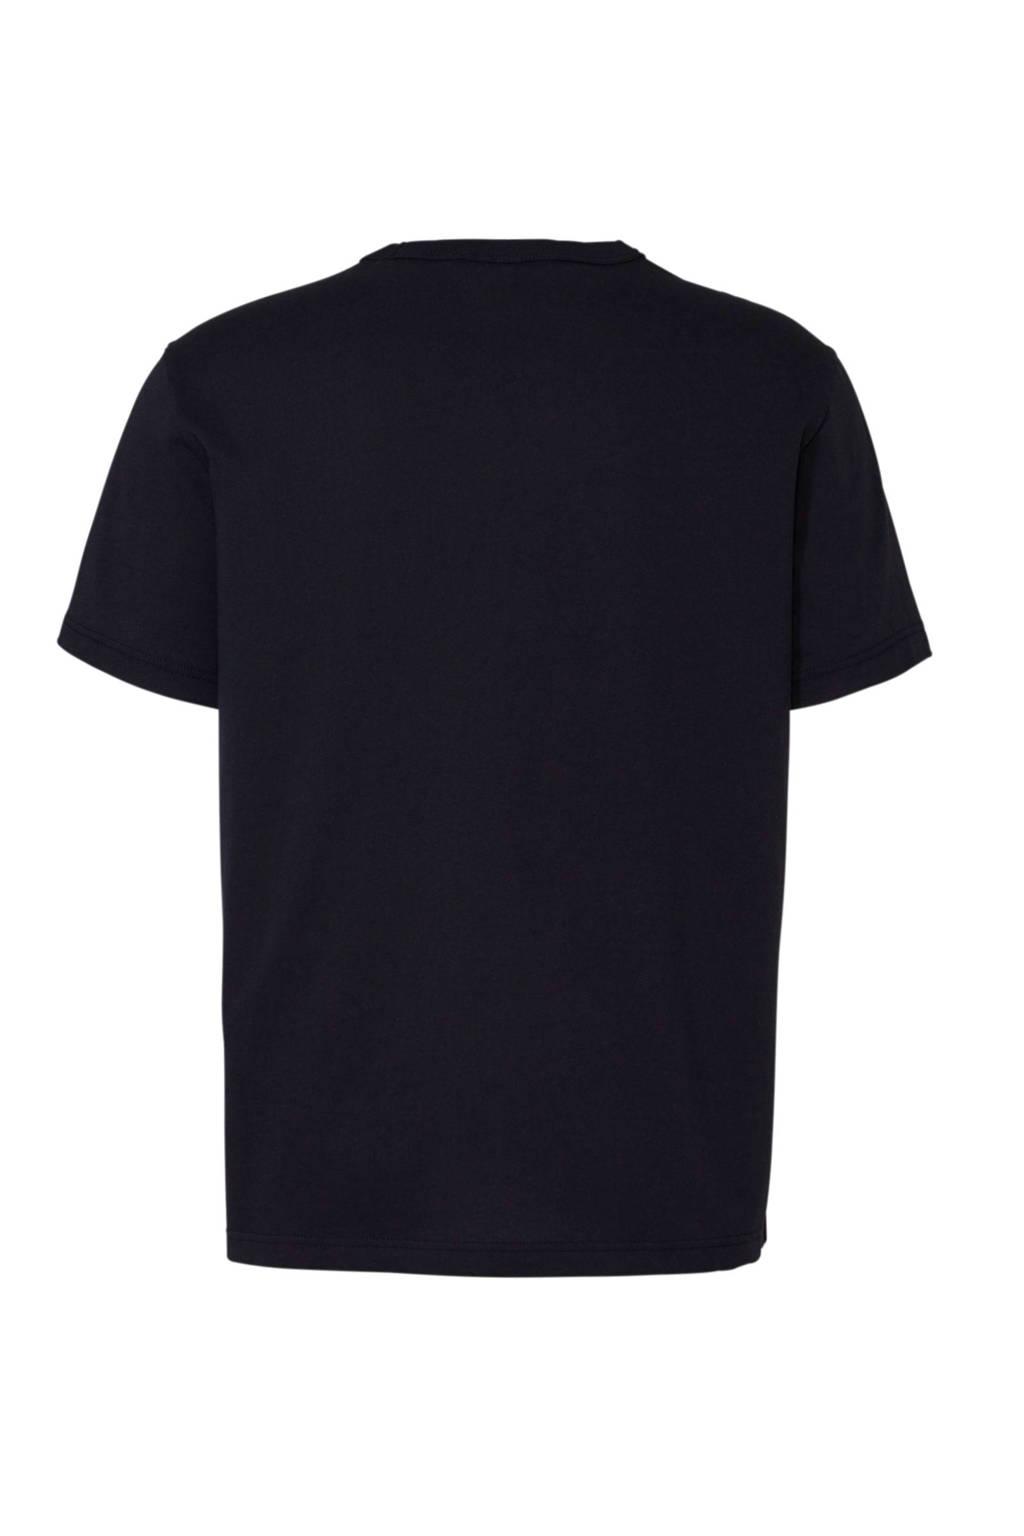 Champion T-shirt, Marine